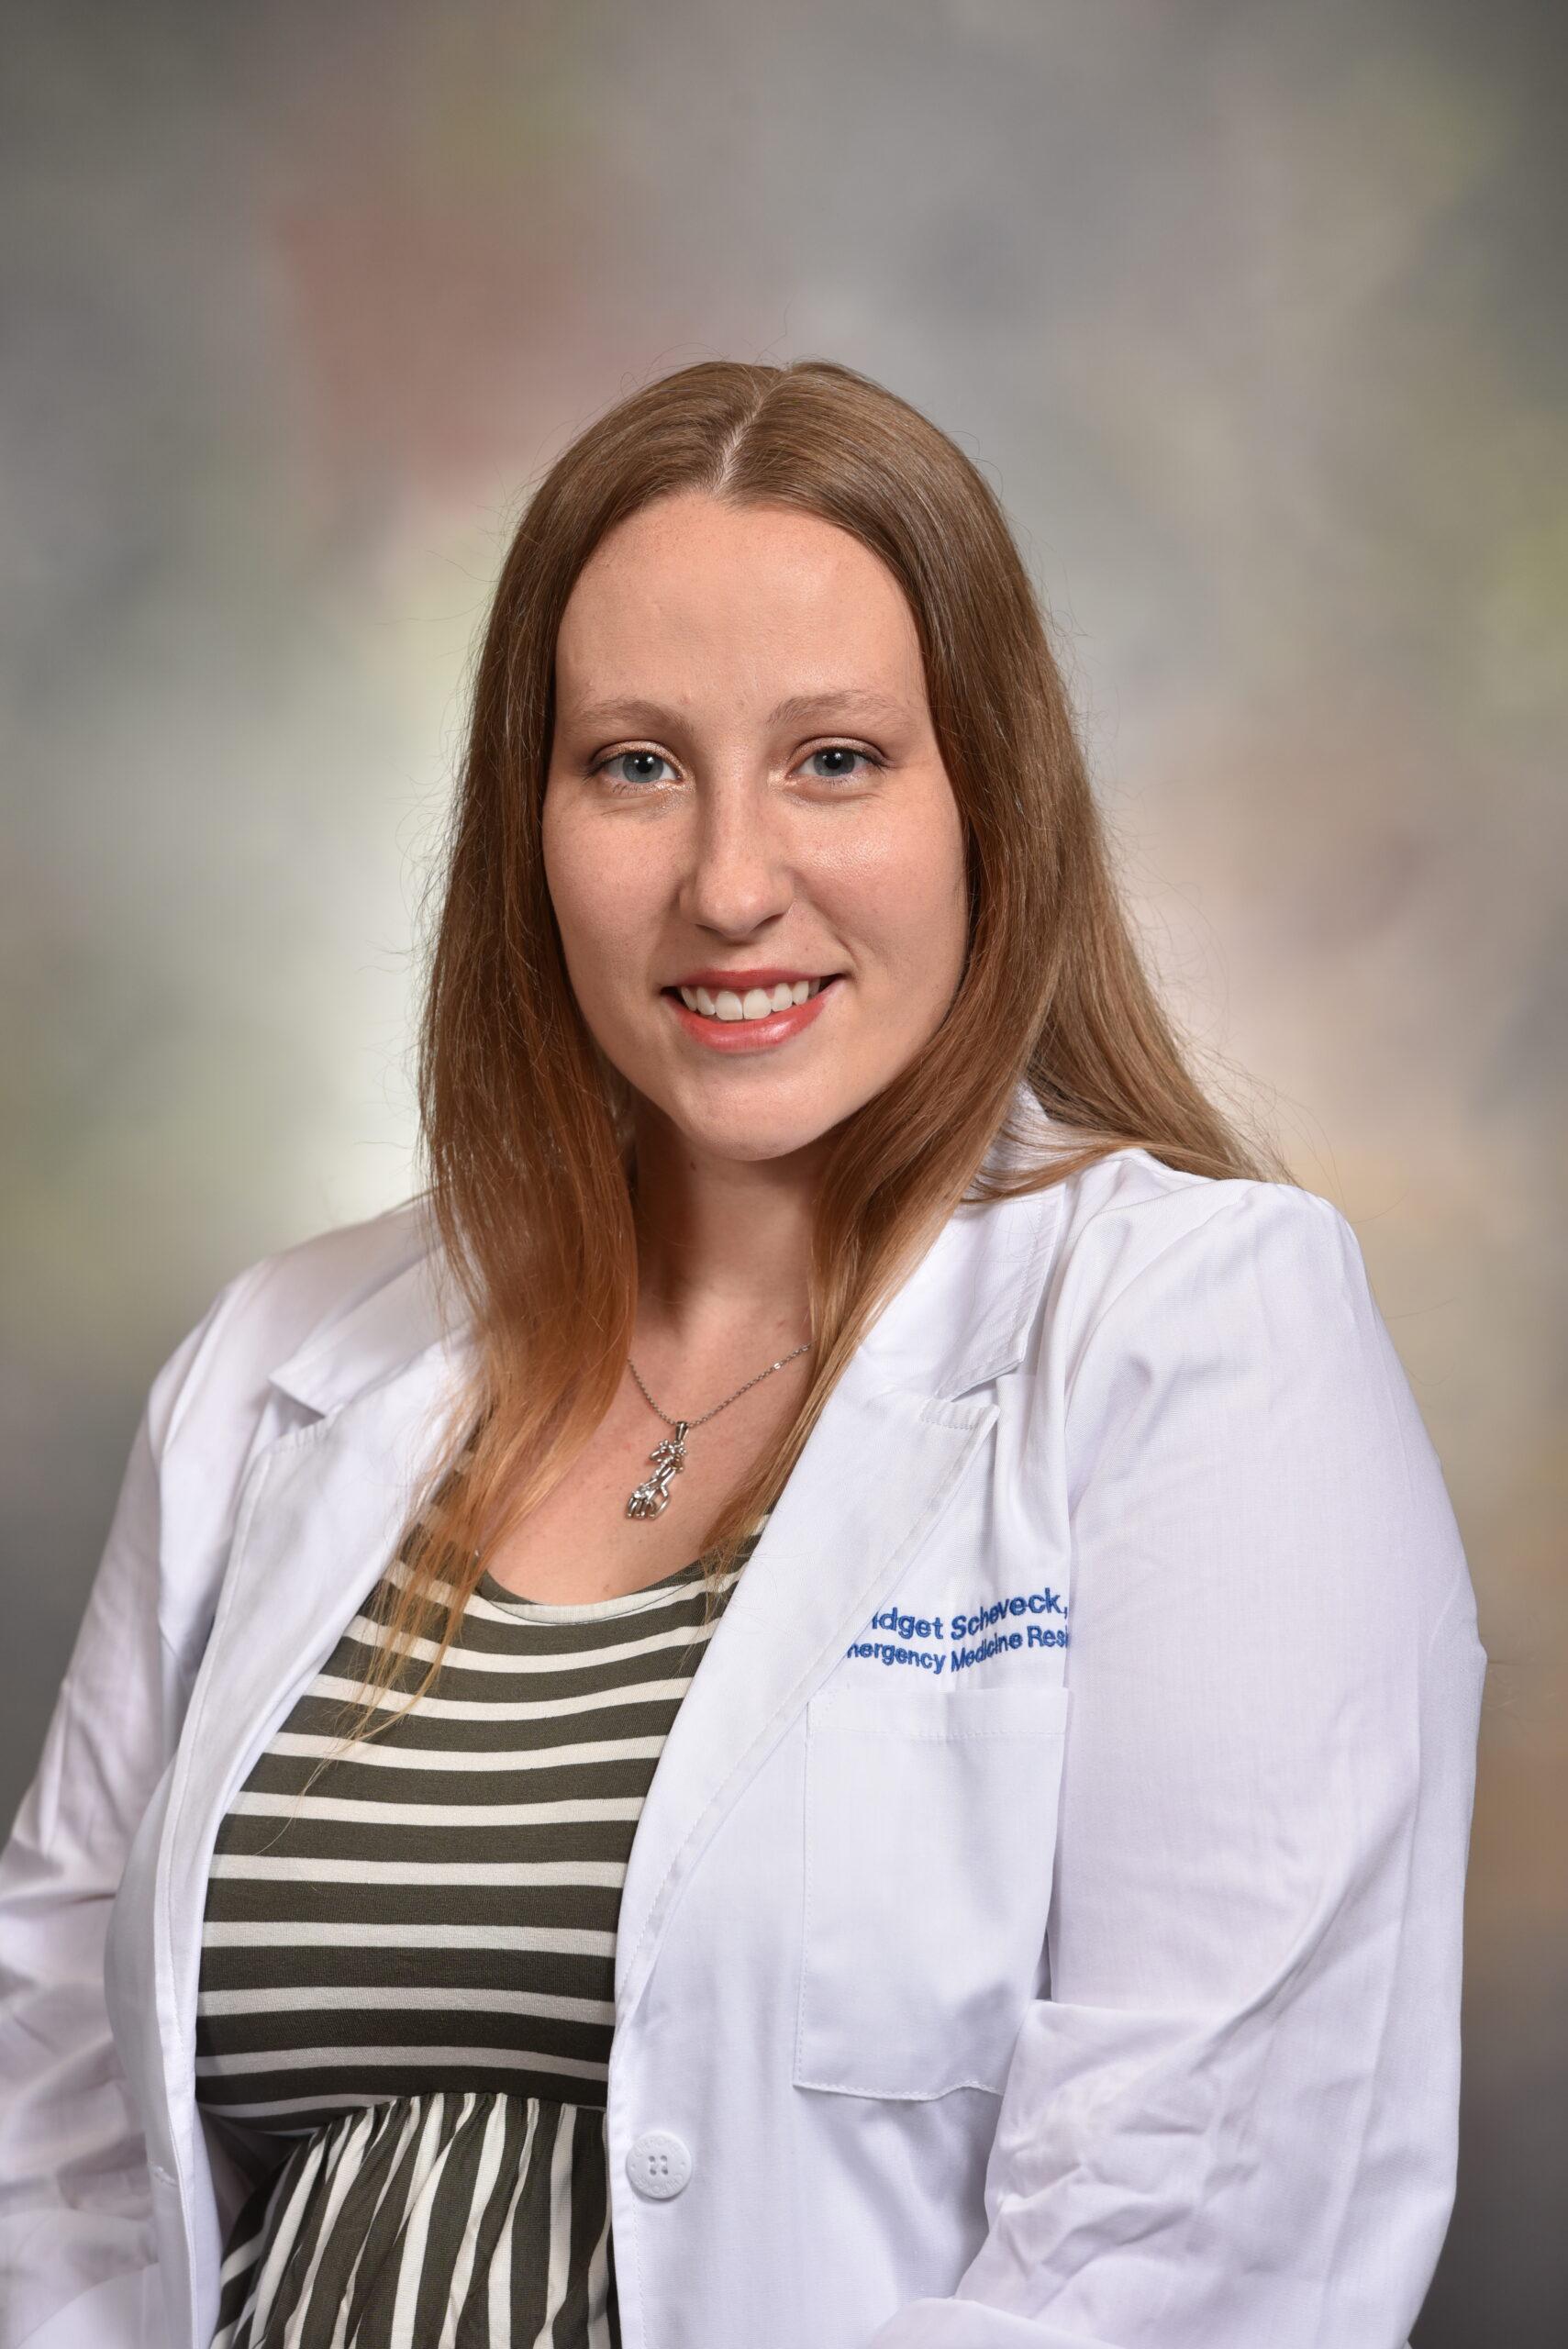 Bridget Schevek, MD